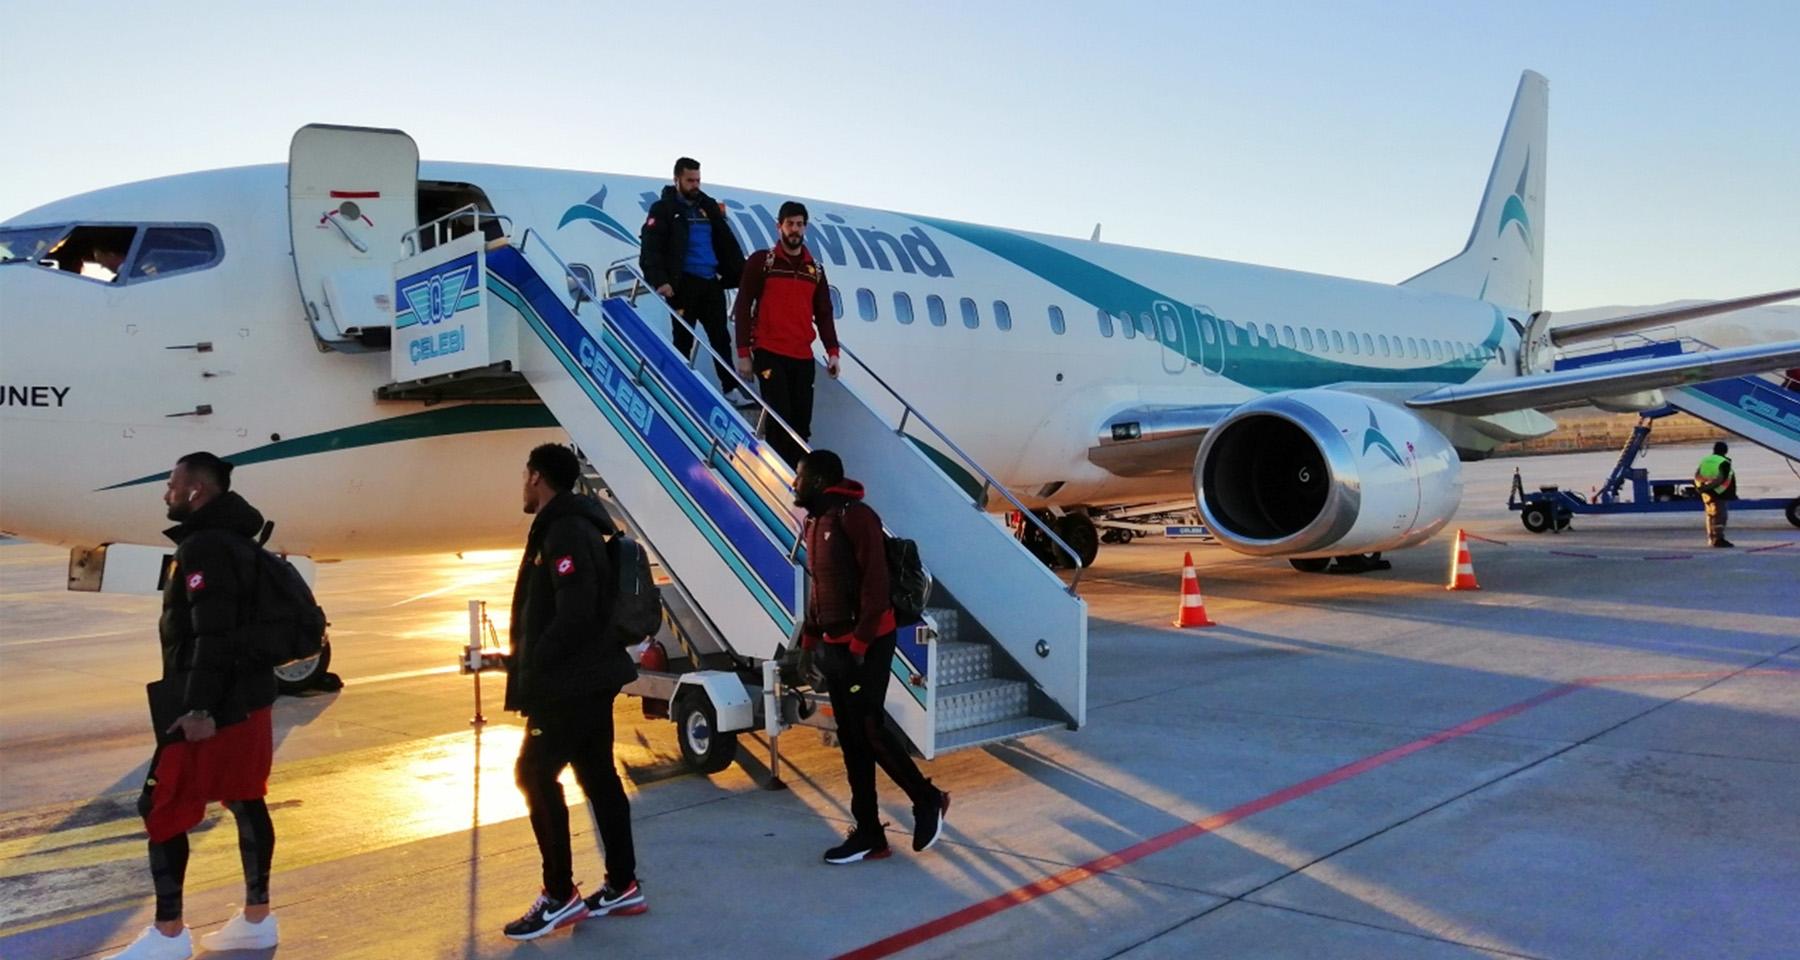 Göztepe Spor Kulübü Tailwind ile uçacak